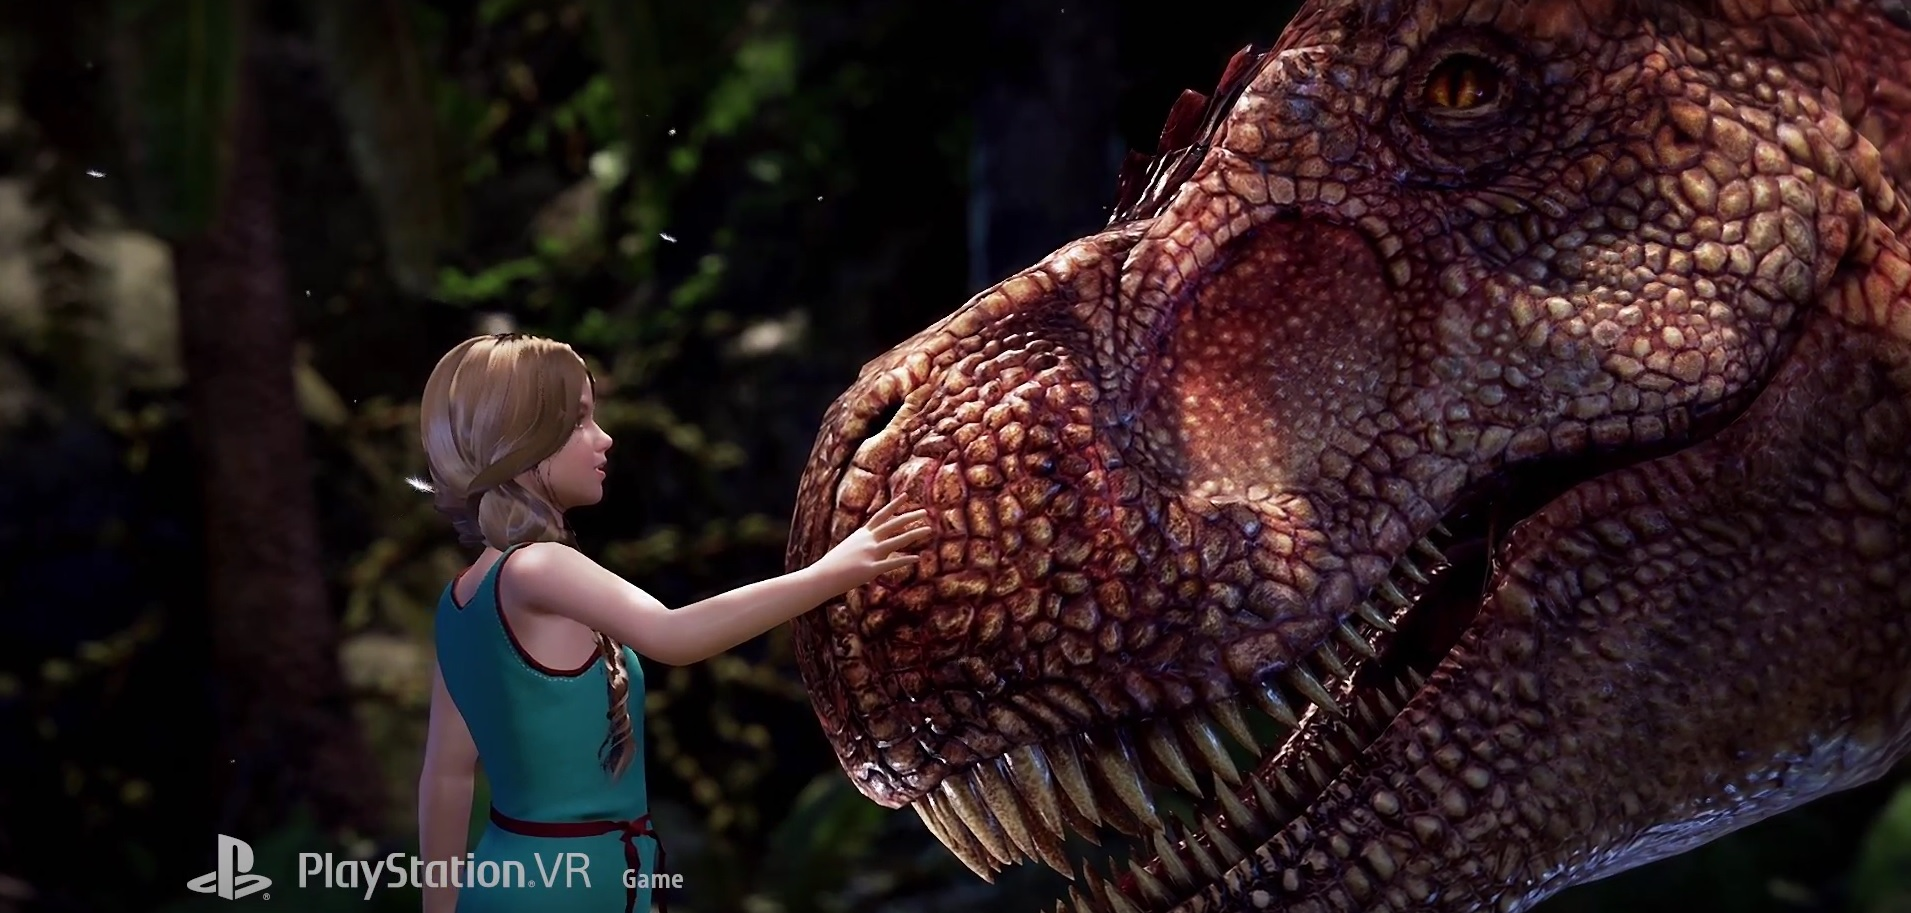 ARK Park: Dinos füttern – VR-Spiel wird virtueller Jurassic Park